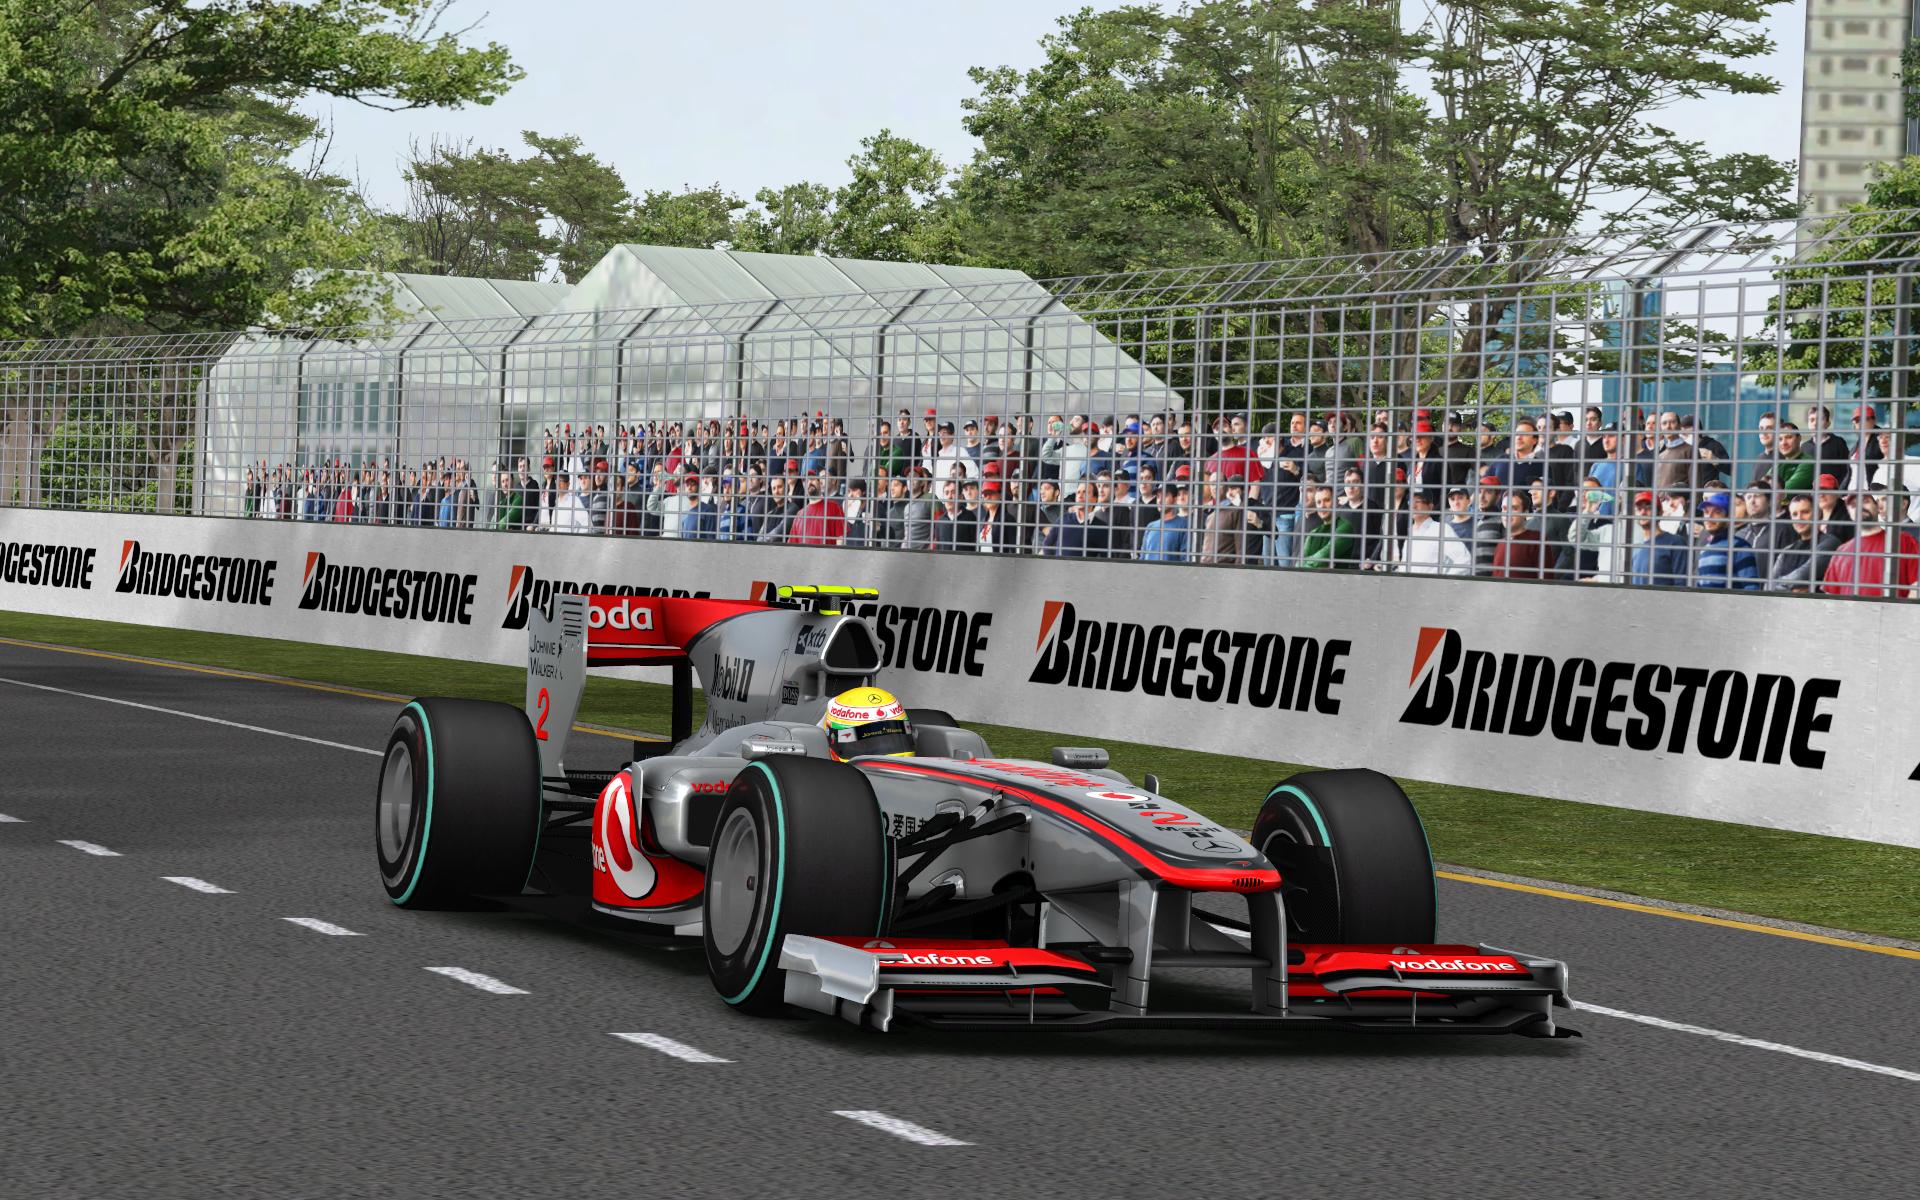 Kilókat fogynak a verseny alatt az F1-pilóták – hogy bírják ki?